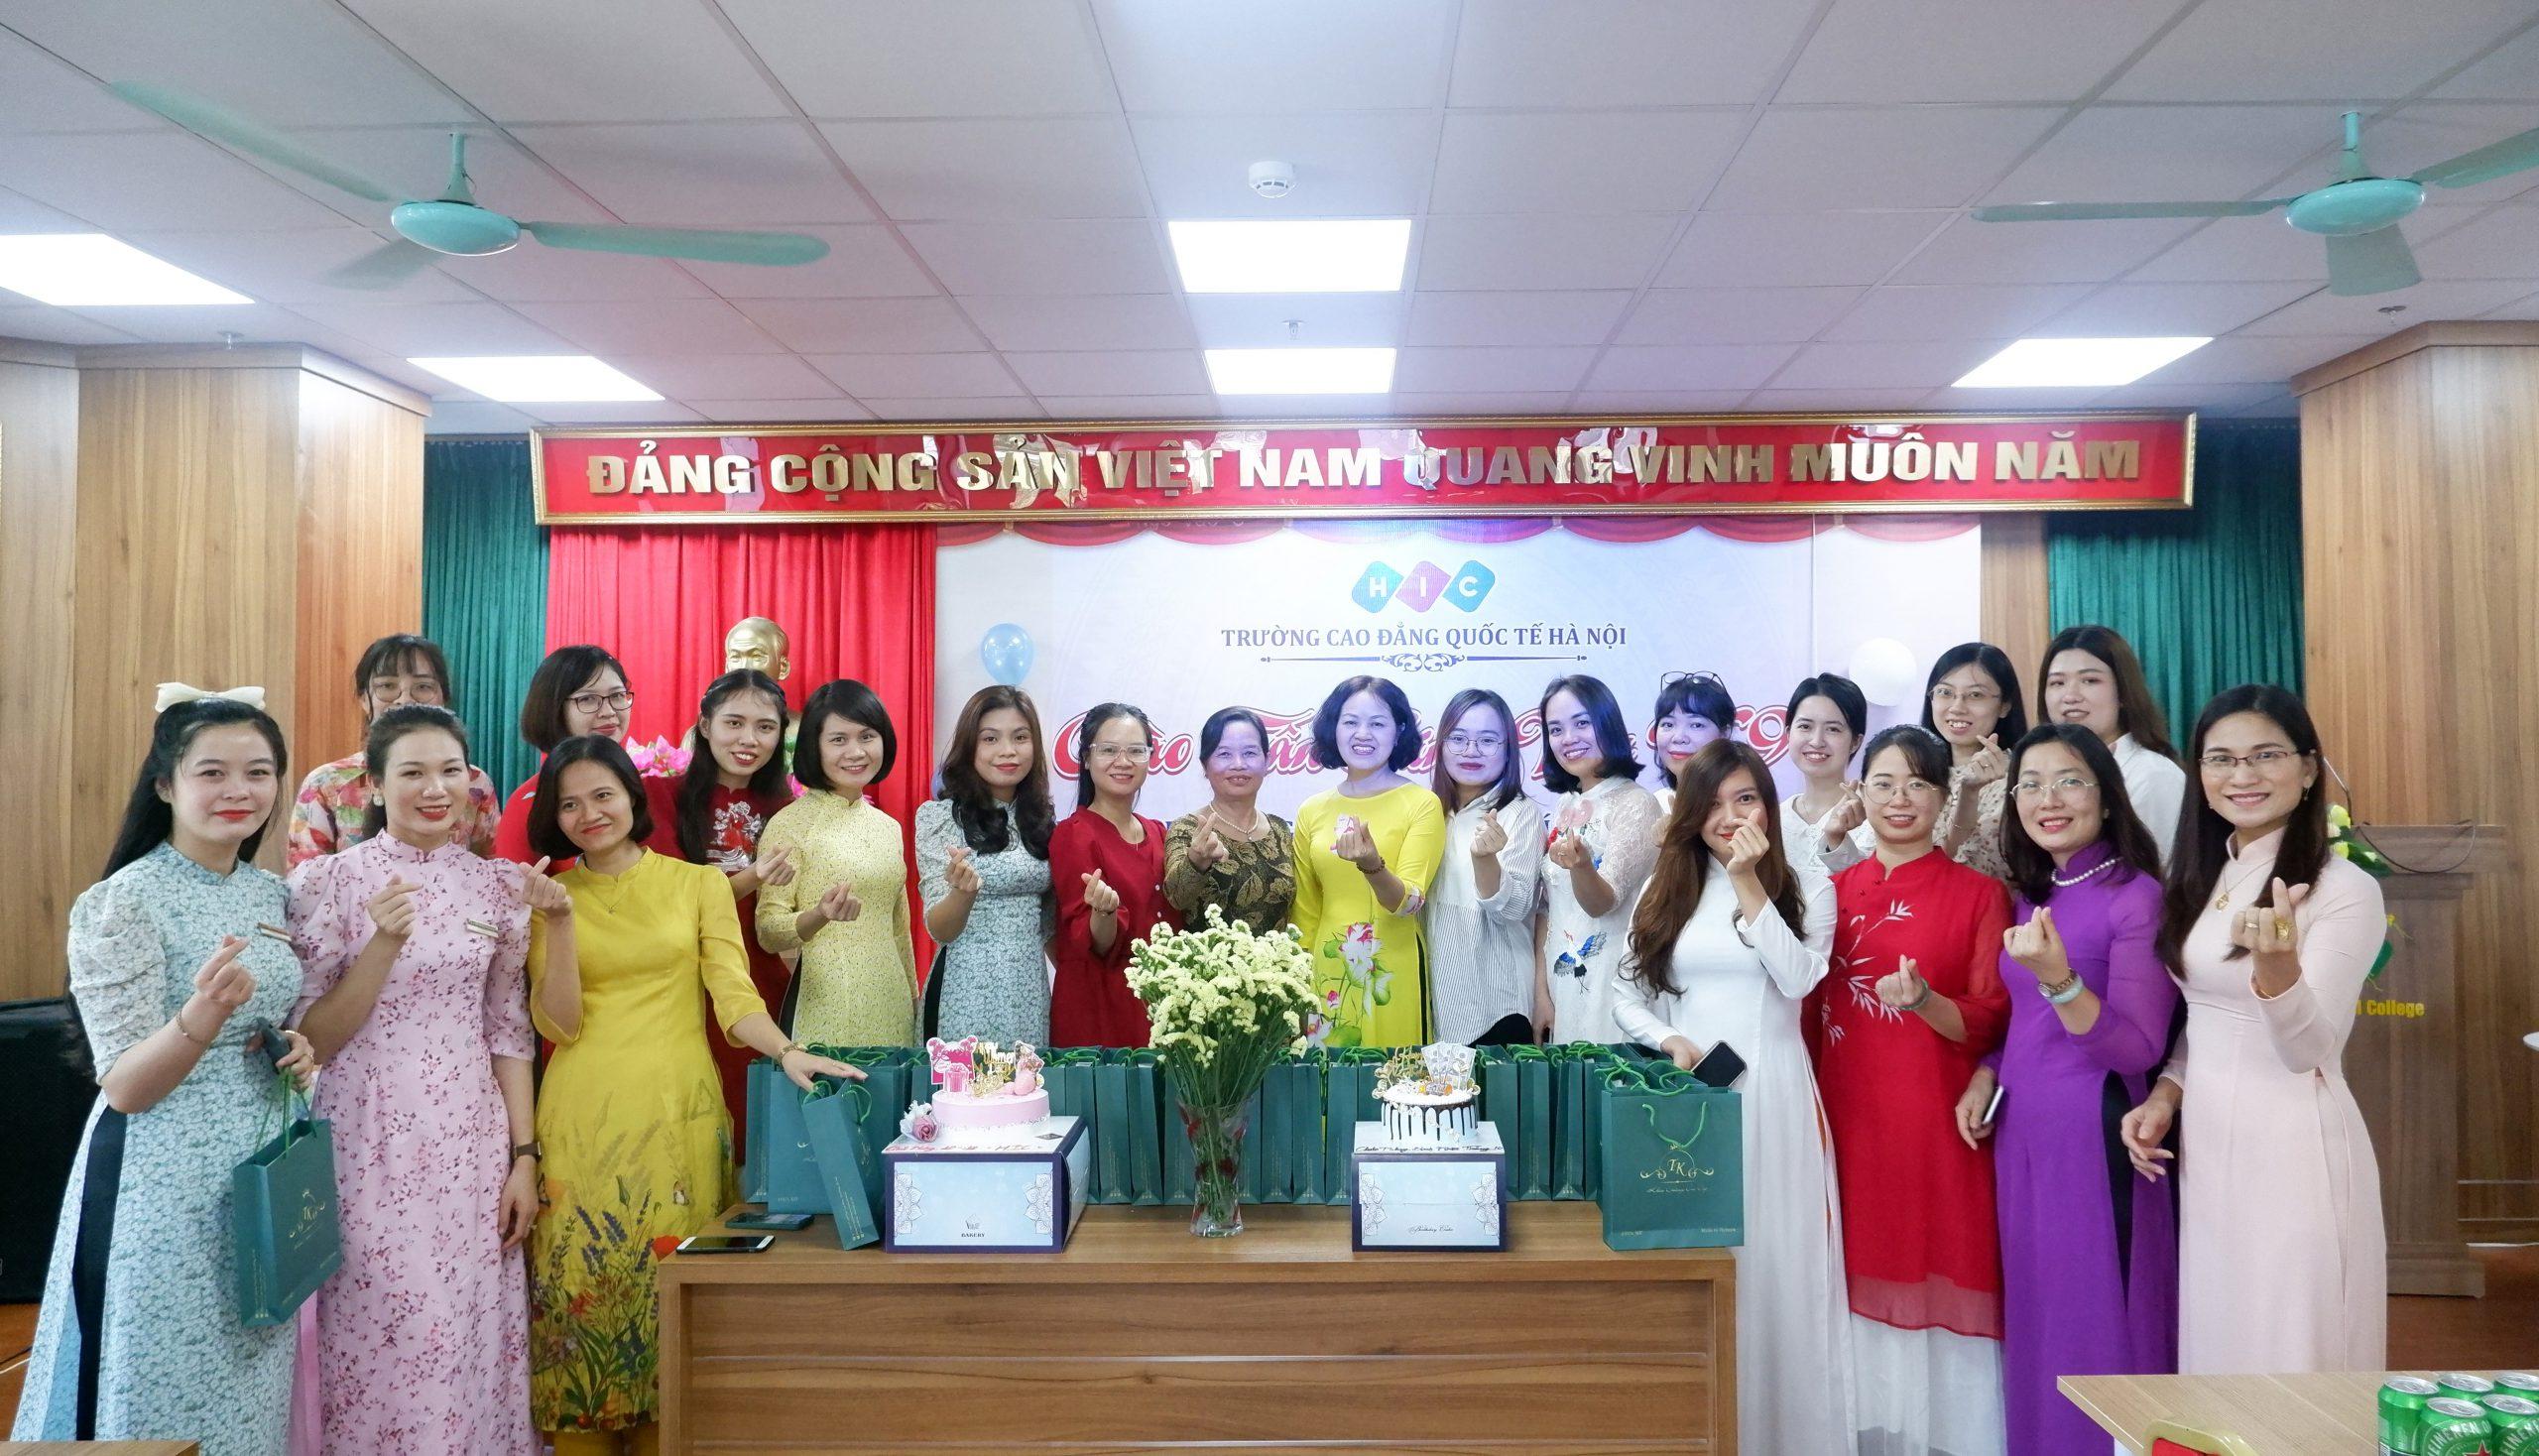 Trường Cao đẳng Quốc tế Hà Nội: Chào mừng kỷ niệm 91 năm ngày thành lập Hội Liên hiệp phụ nữ Việt Nam 20/10